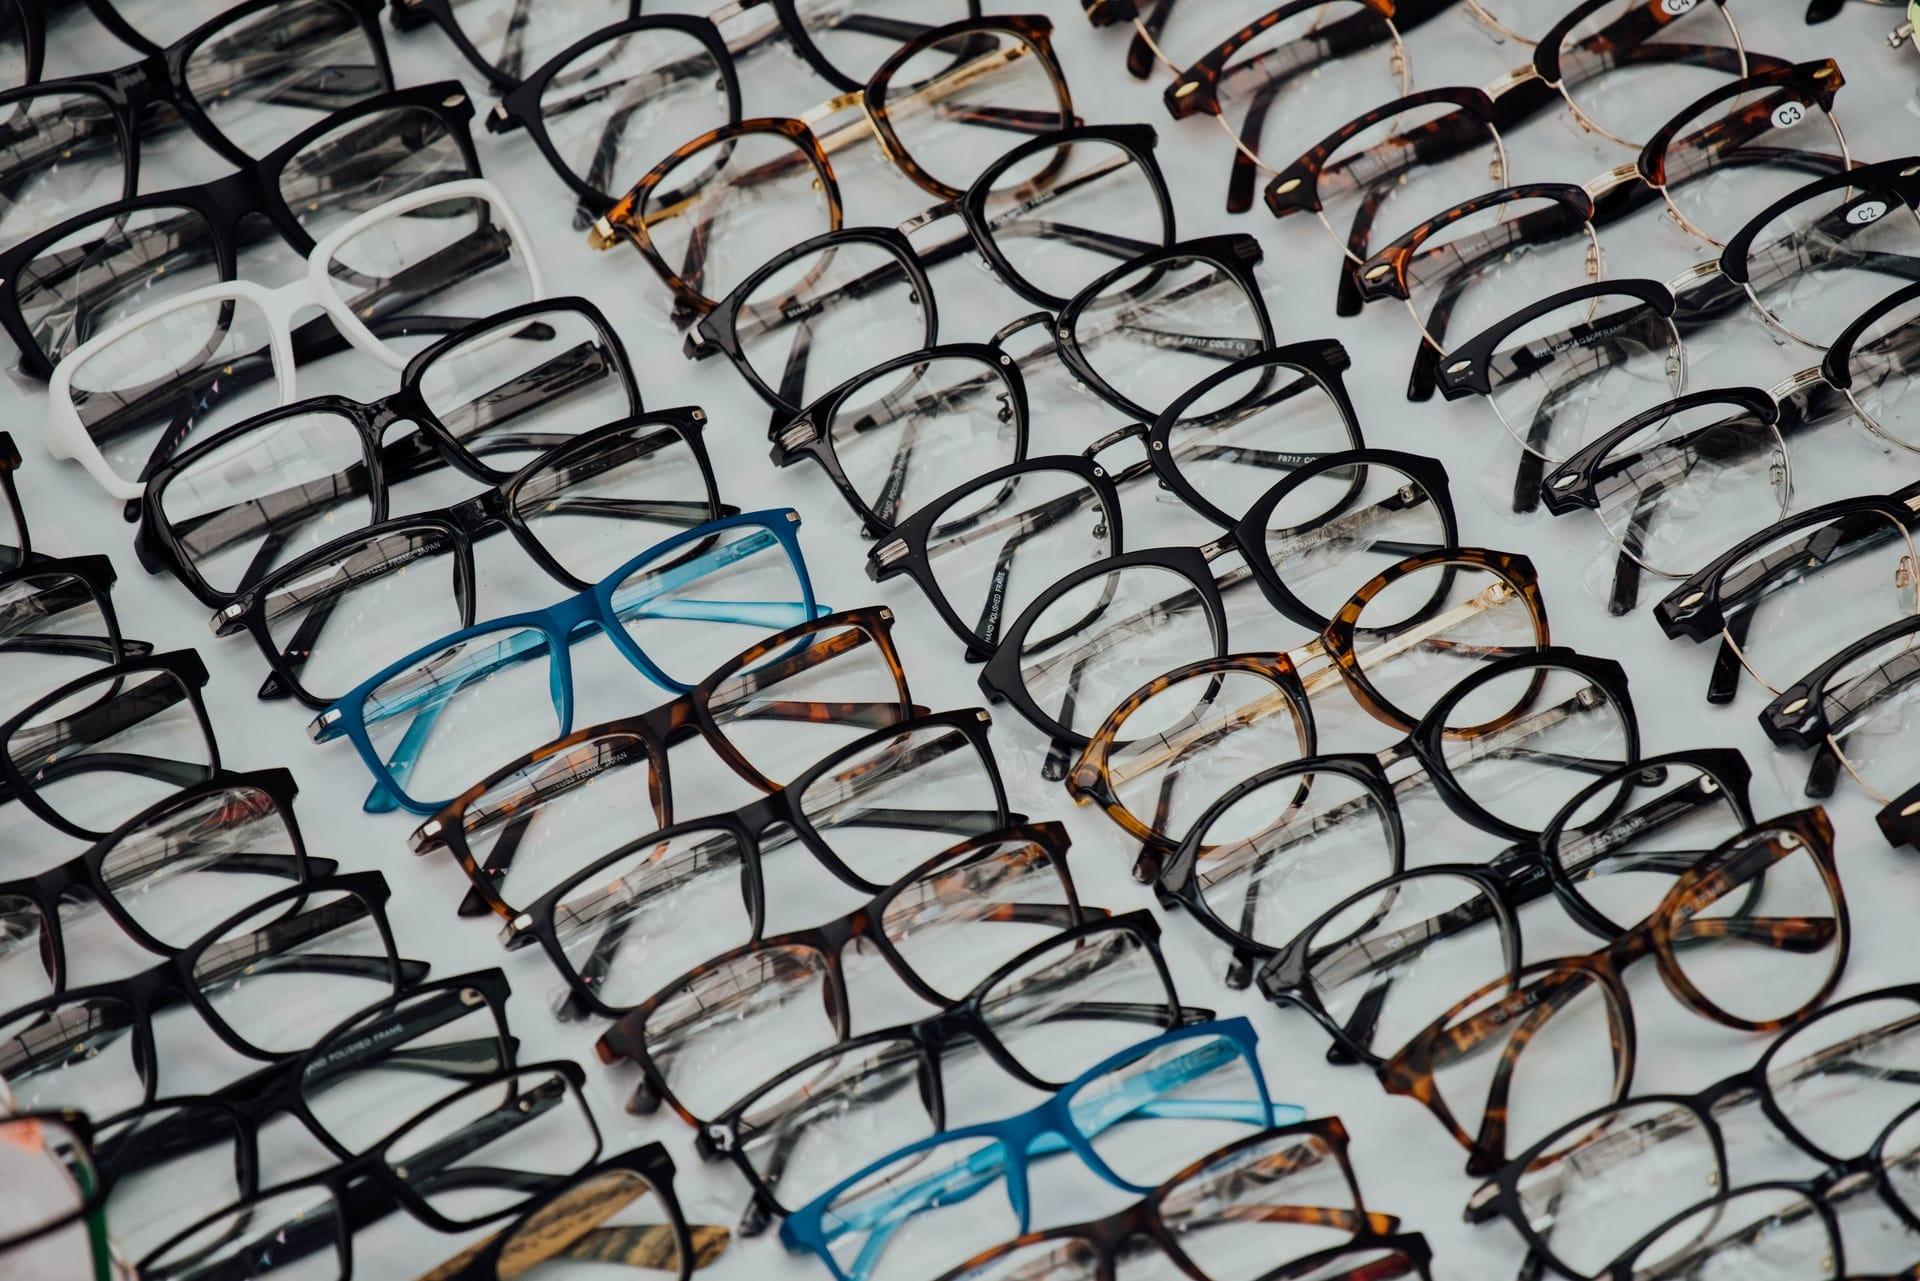 lunettes choix opticien monture paris conseil krys